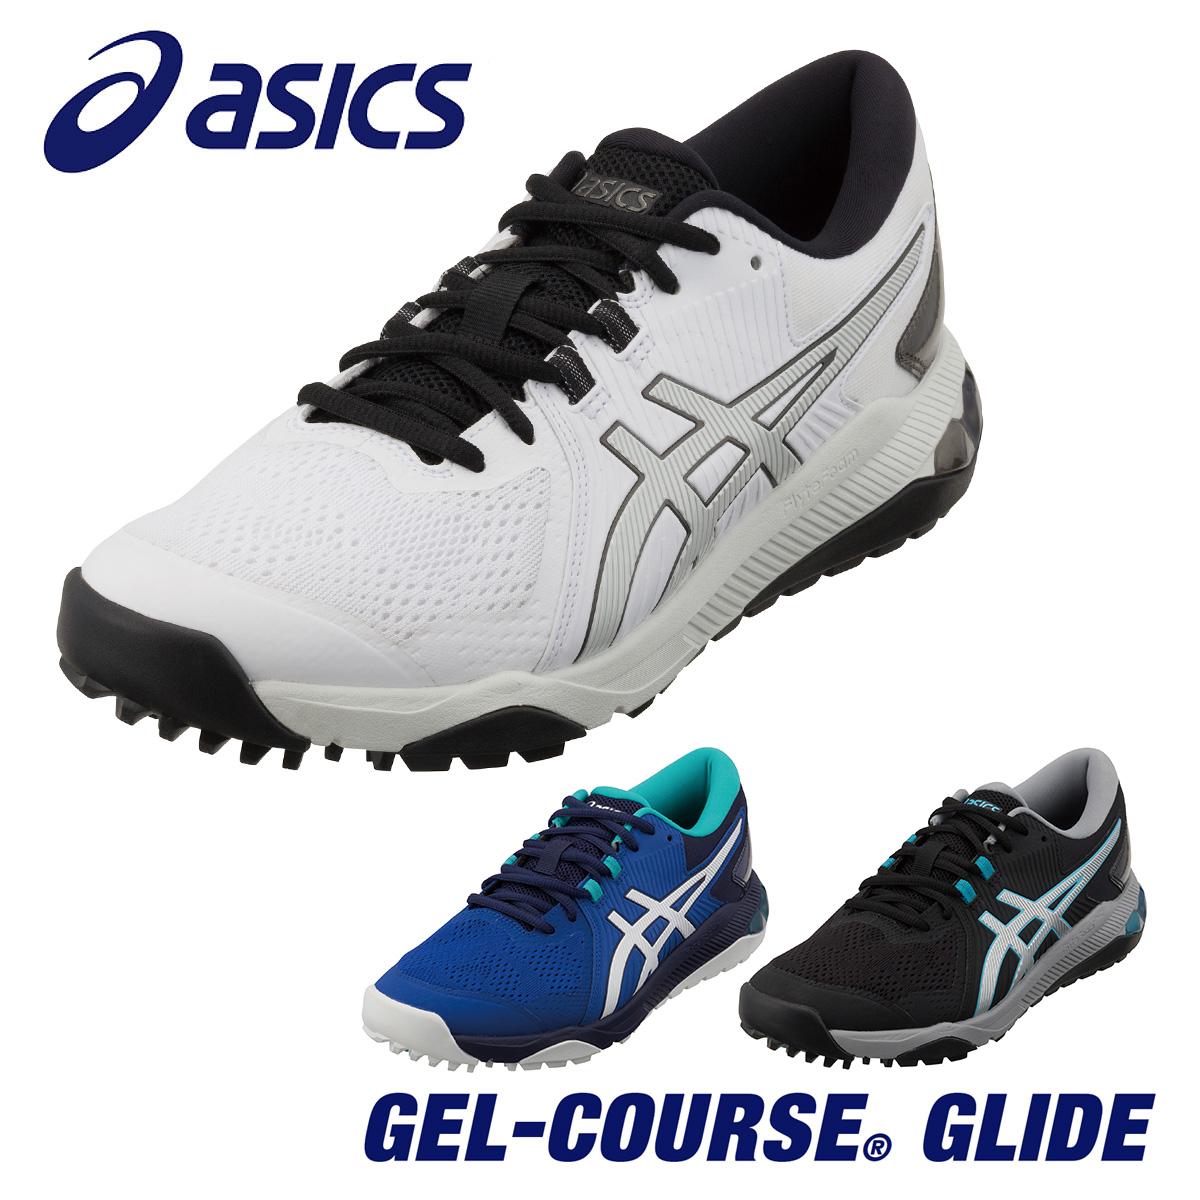 ASICS(アシックス)日本正規品 GEL-COURSE GLIDE (ゲルコース グライド) スパイクレス ゴルフシューズ 2020新製品 「1111A085」【あす楽対応】